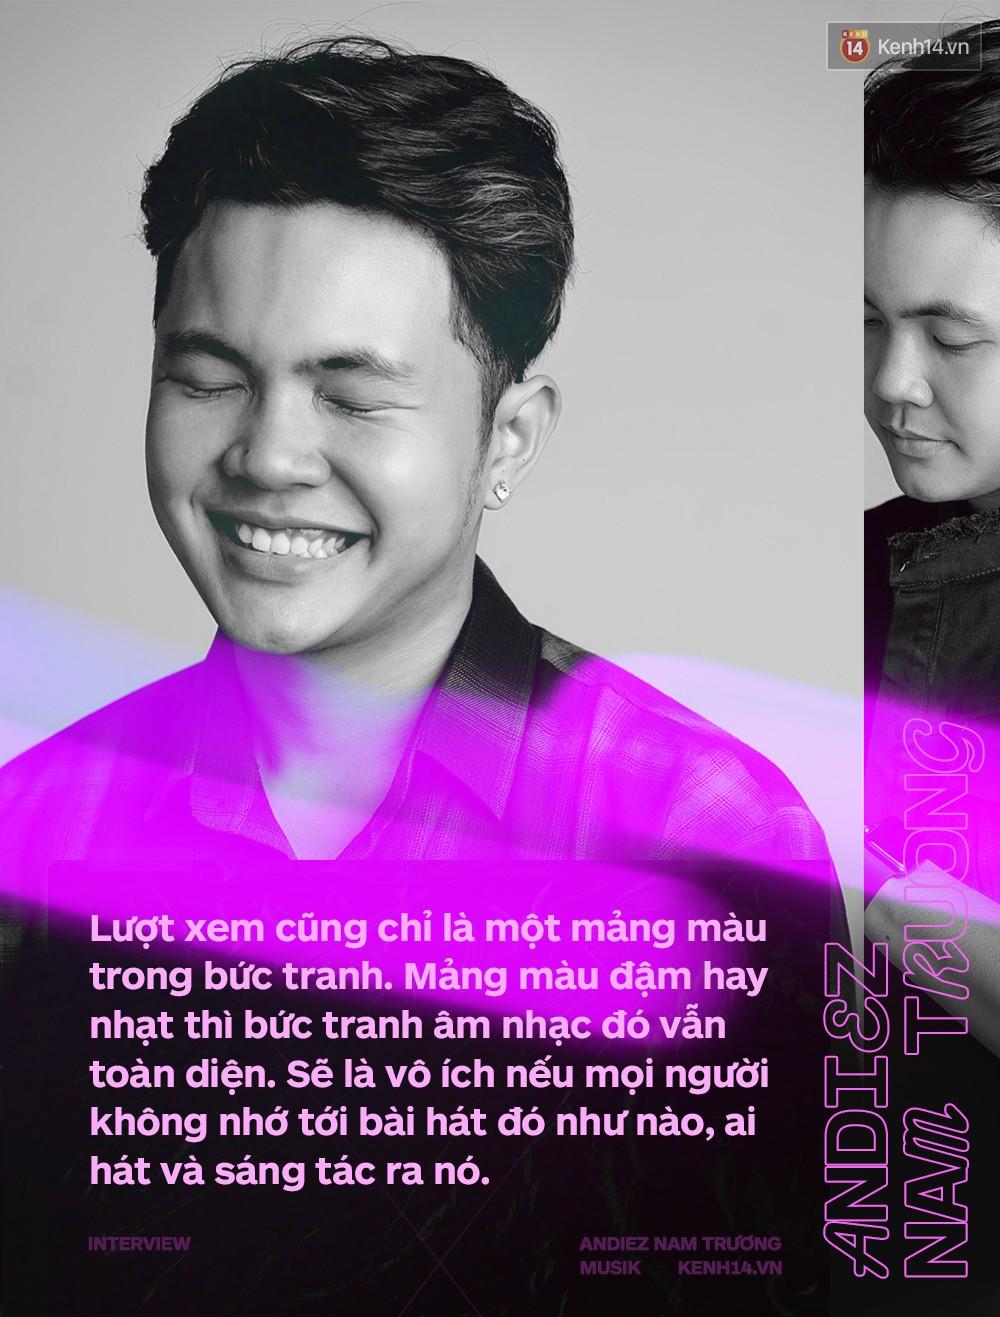 Andiez Nam Trương: Suýt từ bỏ âm nhạc vì thấy mình bất tài, không có nổi 50 ngàn đổ xăng, phải đi mượn bạn gái - Ảnh 3.